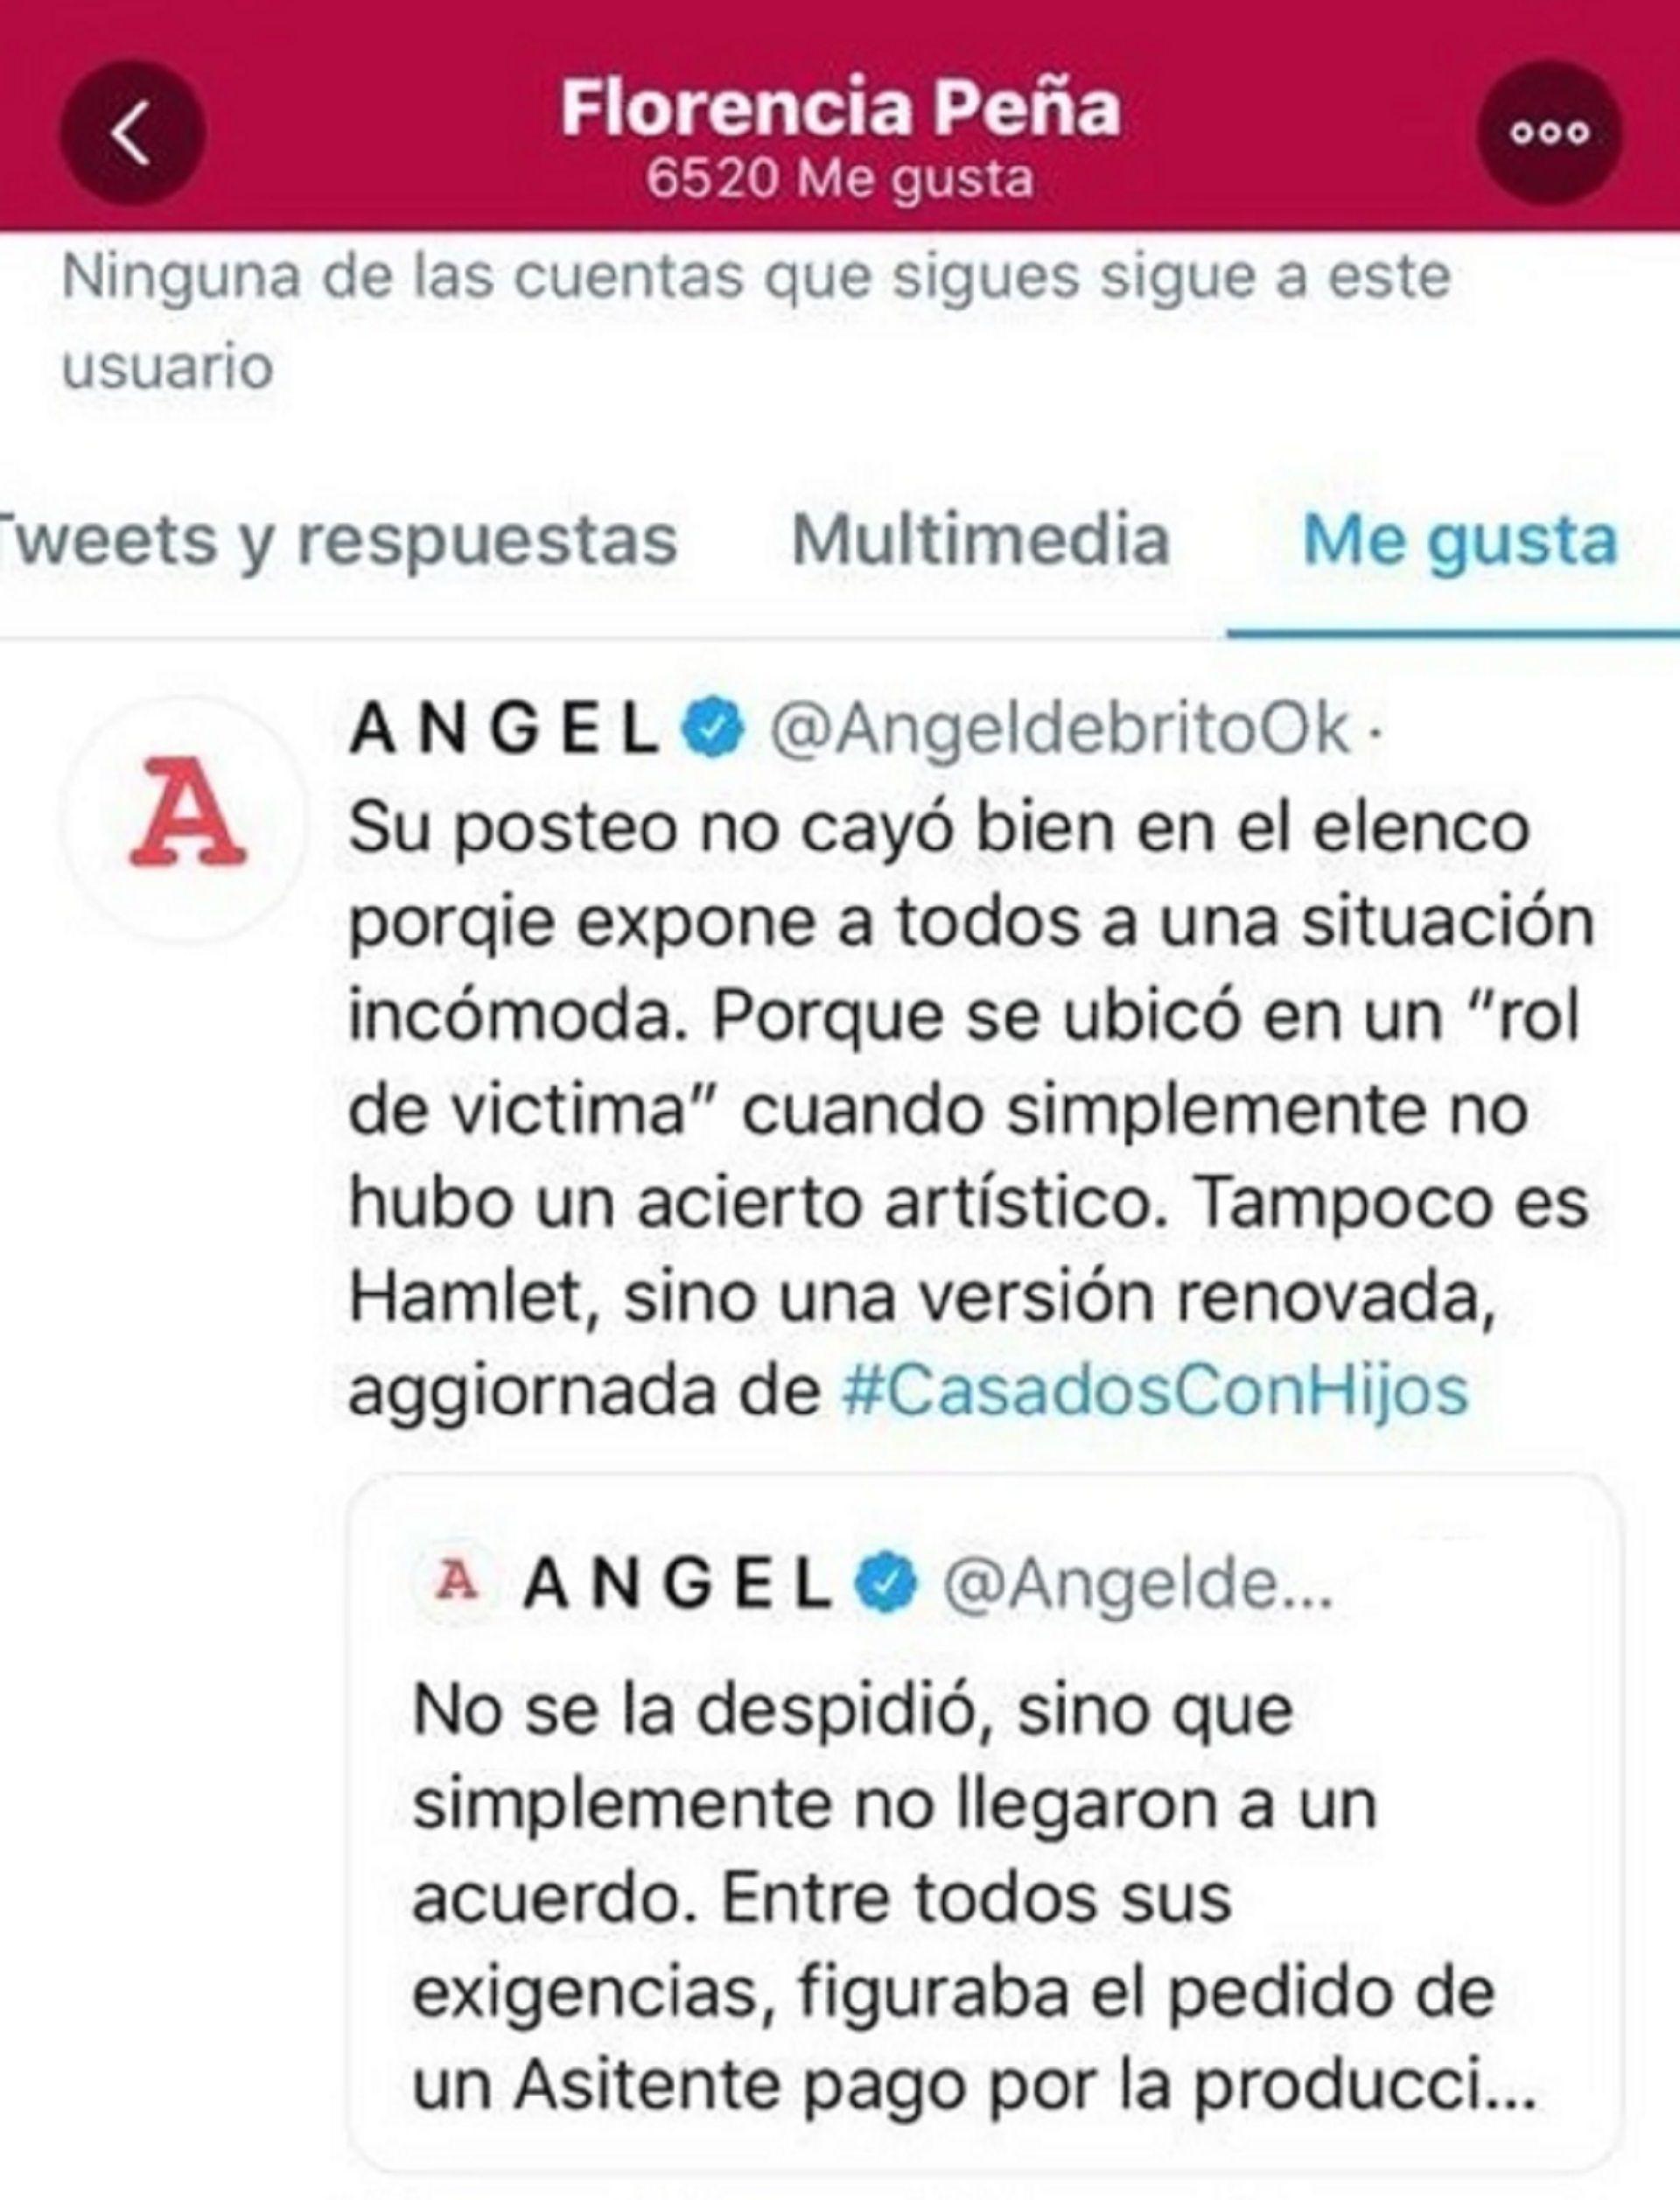 """Los """"me gusta"""" de Florencia Peña en Twitter"""